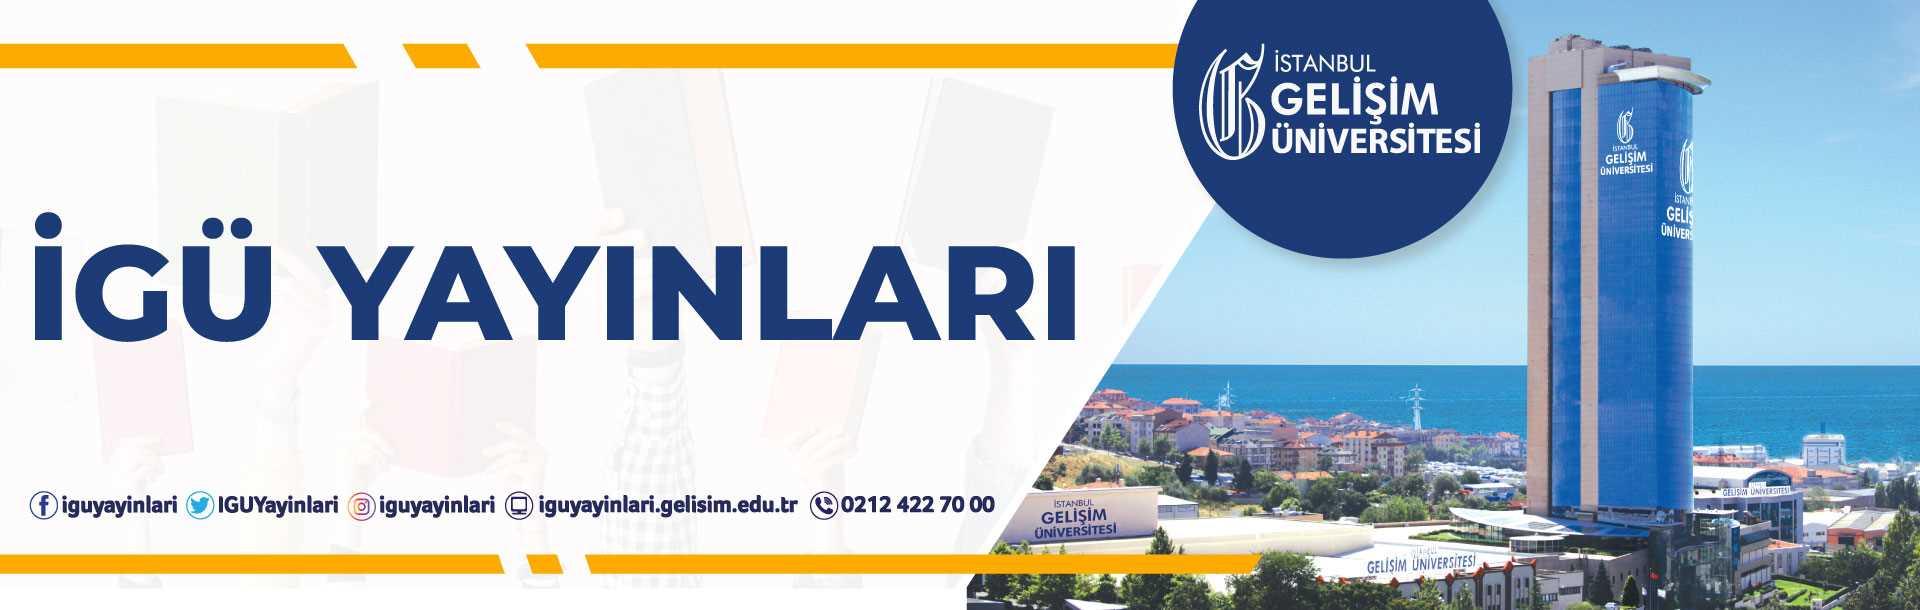 İstanbul Gelişim Üniversitesi Yayınları